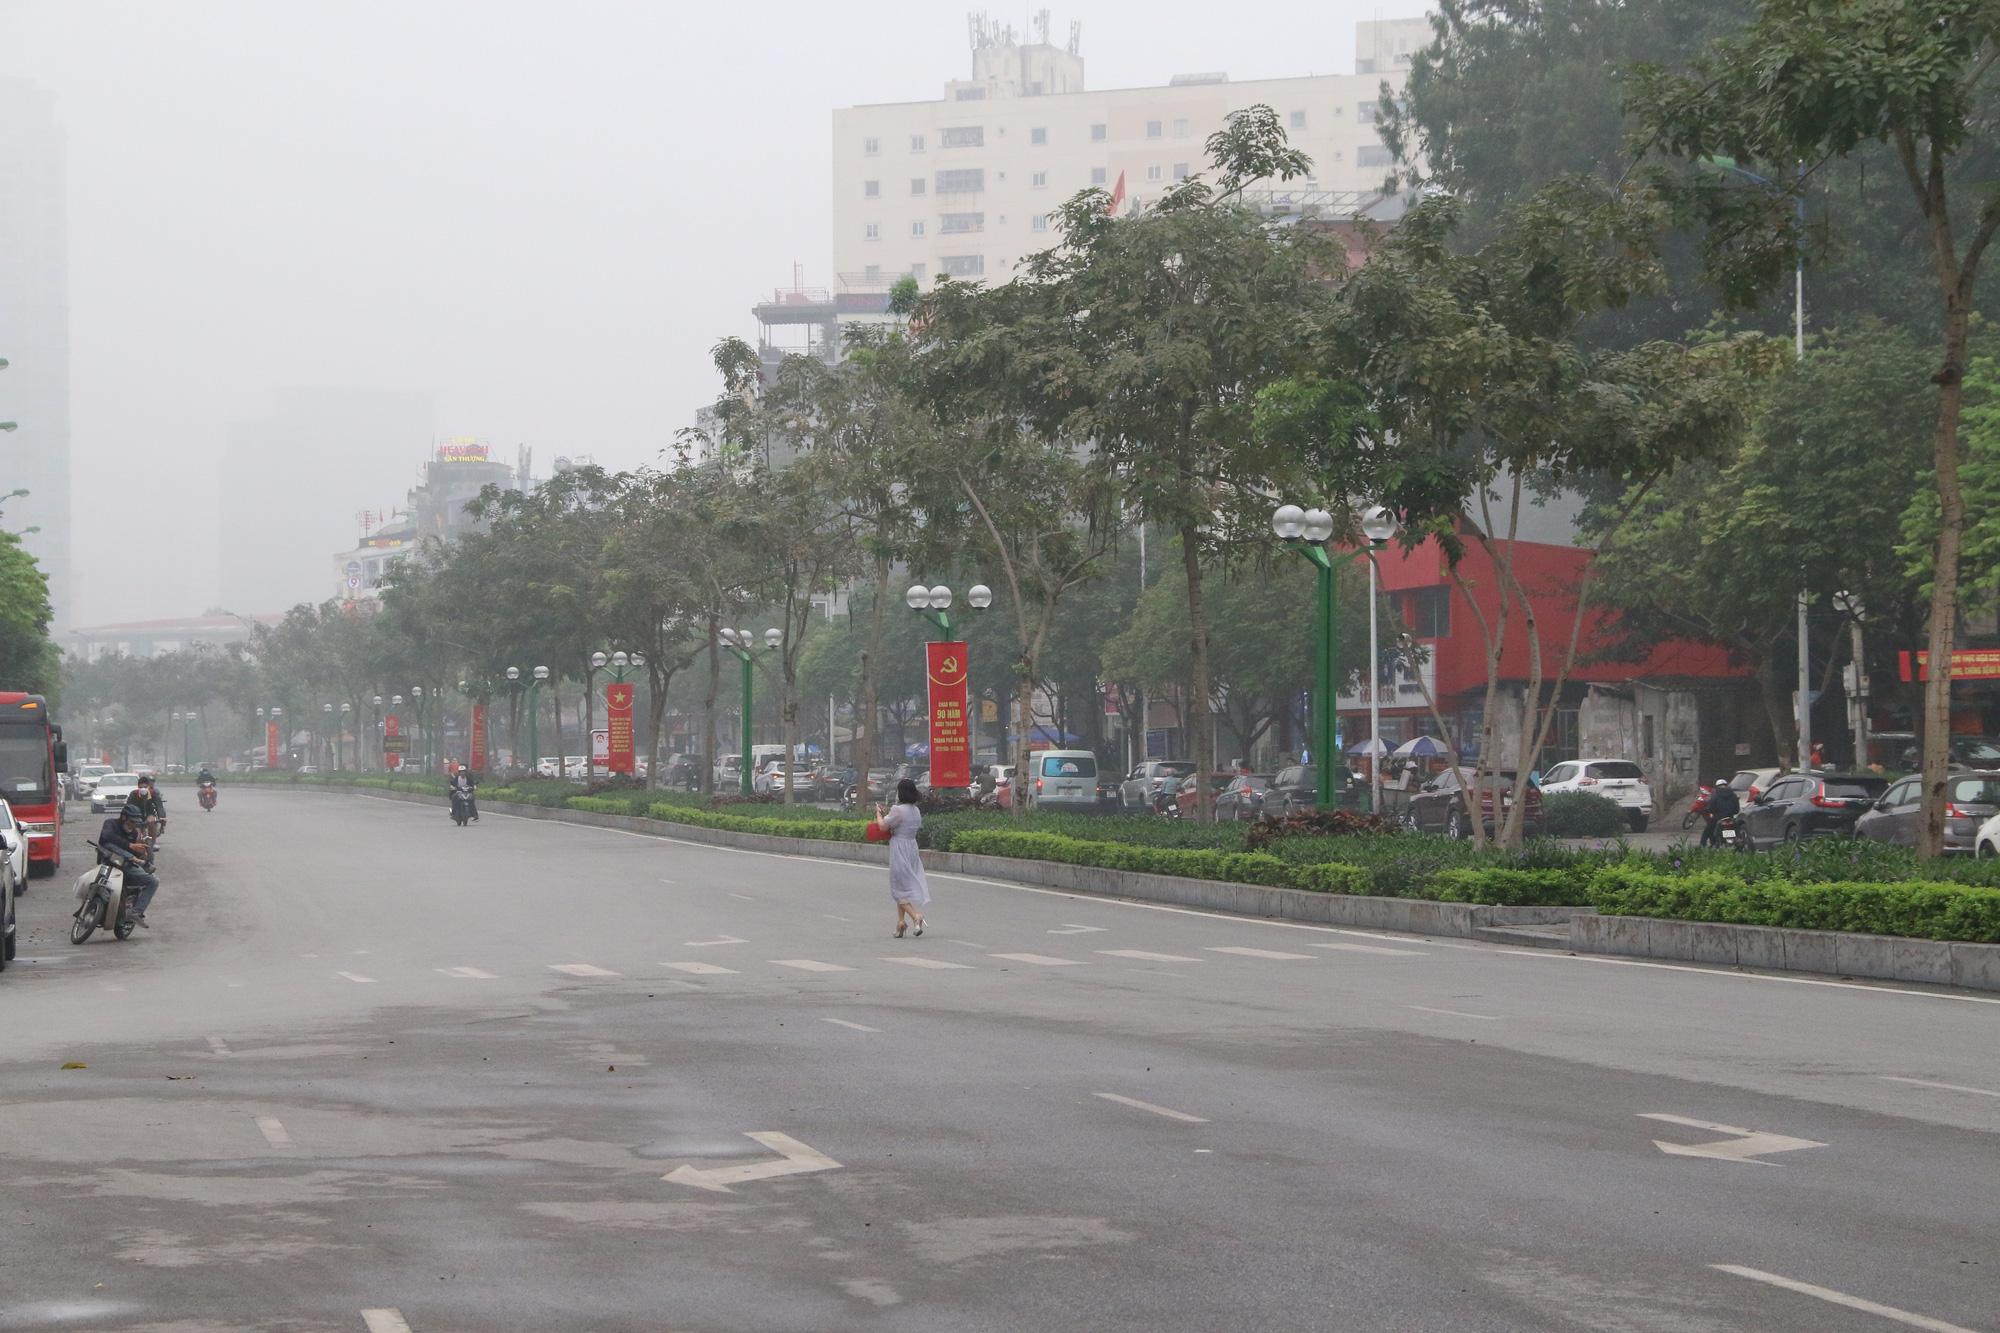 Cảnh vắng lặng ở ga tàu, bến xe Hà Nội: Nhiều chuyến xe rời bến chỉ mình tài xế, không hành khách - Ảnh 18.